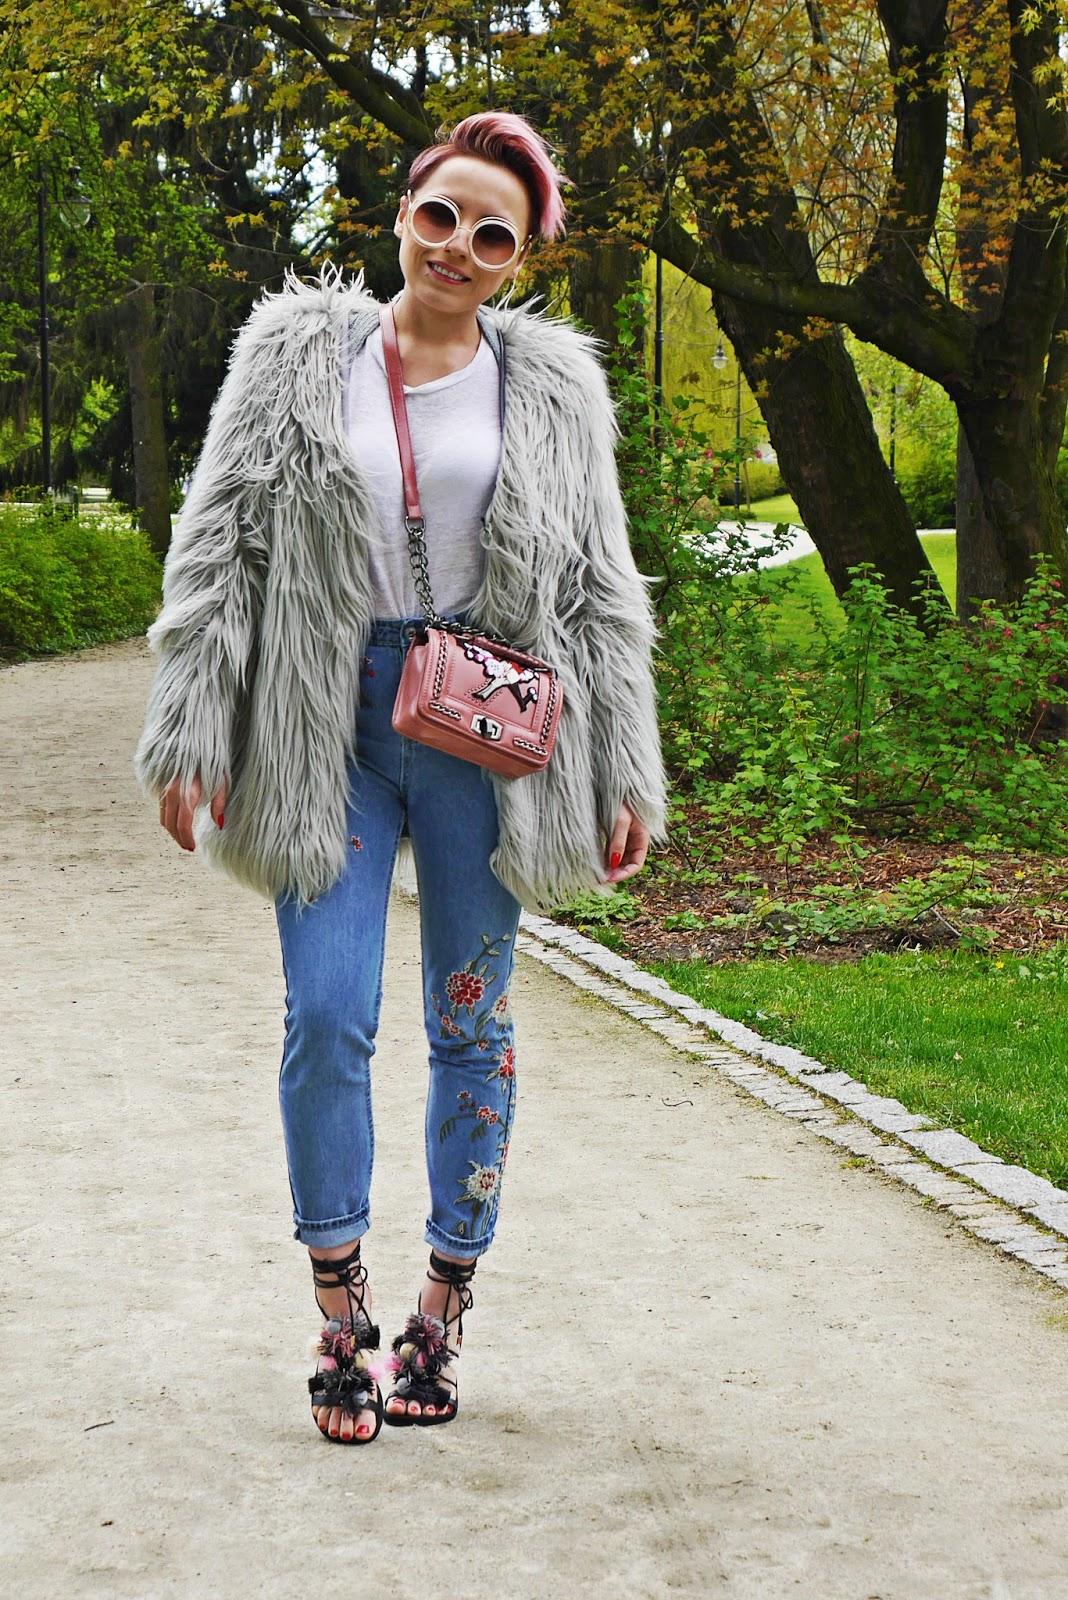 blogerka_modowa_blog_modowy_karyn_look_ootd_pulawy_020517